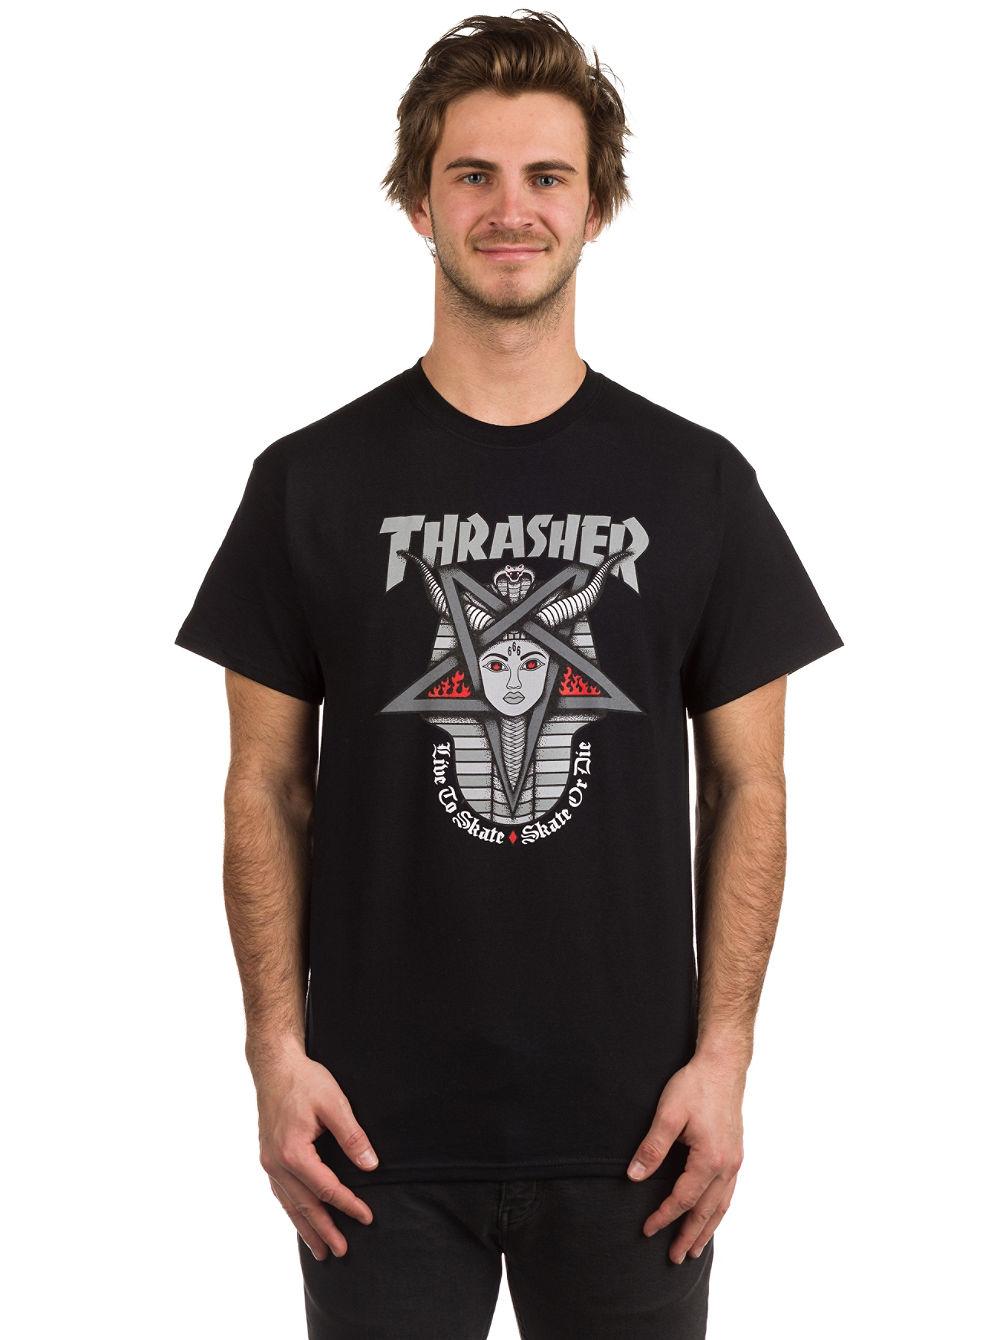 fc3500bfe705 Buy Thrasher Goddess T-Shirt online at Blue Tomato